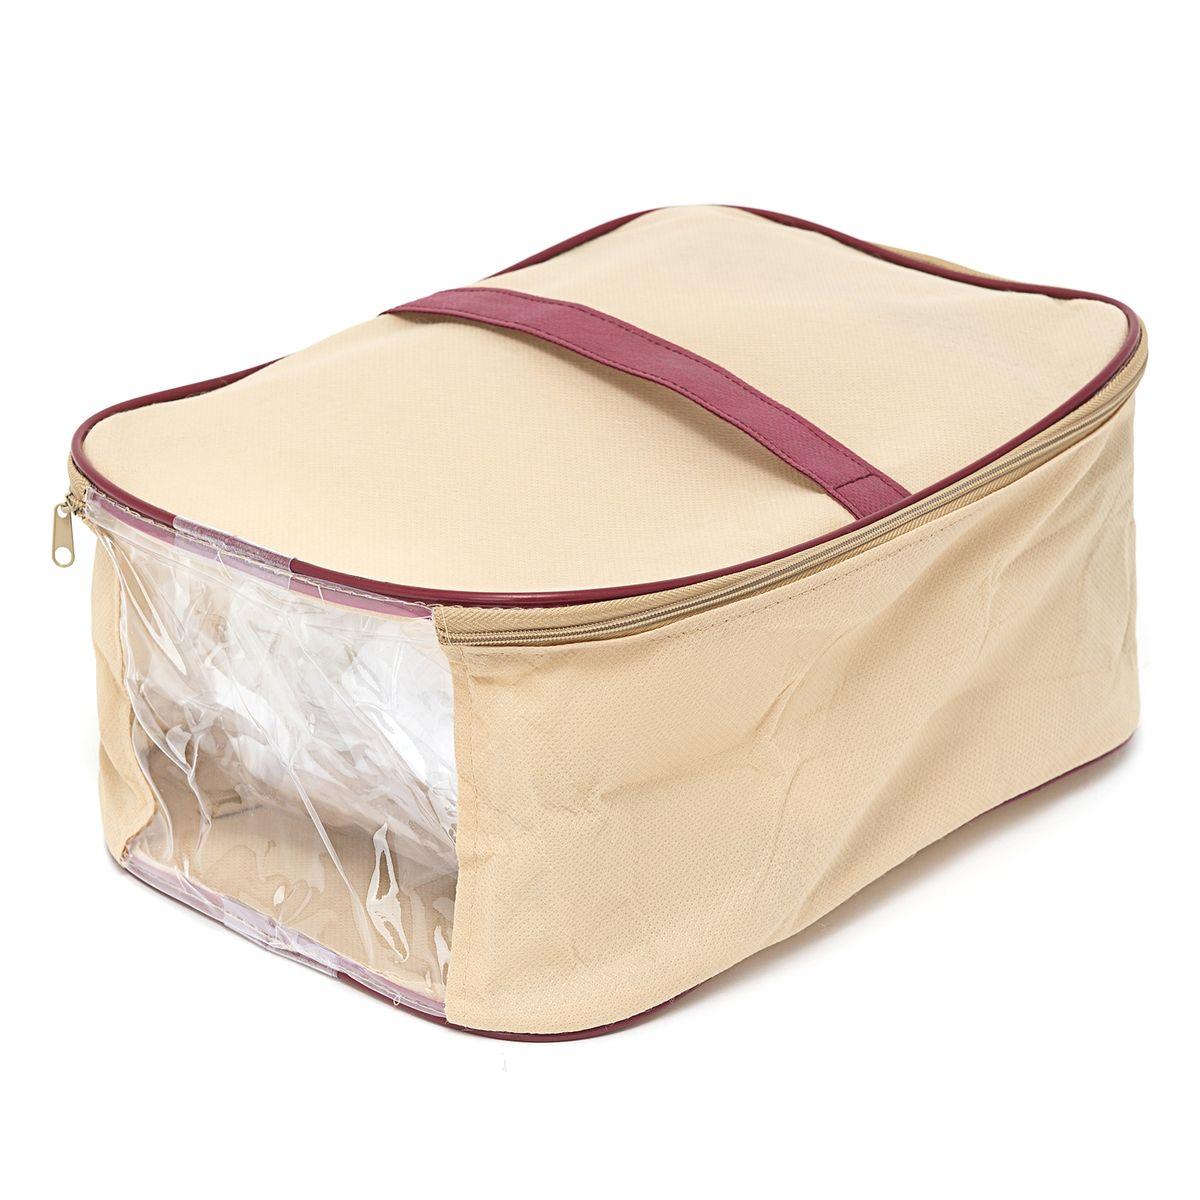 Сумка для обуви Homsu Comfort, цвет: бежевый, 36 x 16 x 23 смHOM-684Удобная сумка для хранения и перевозки обуви. В сумке сделано удобное окошко, через которое всегда можно увидеть, что находится внутри. Размер изделия: 36 x 16 x 23 см